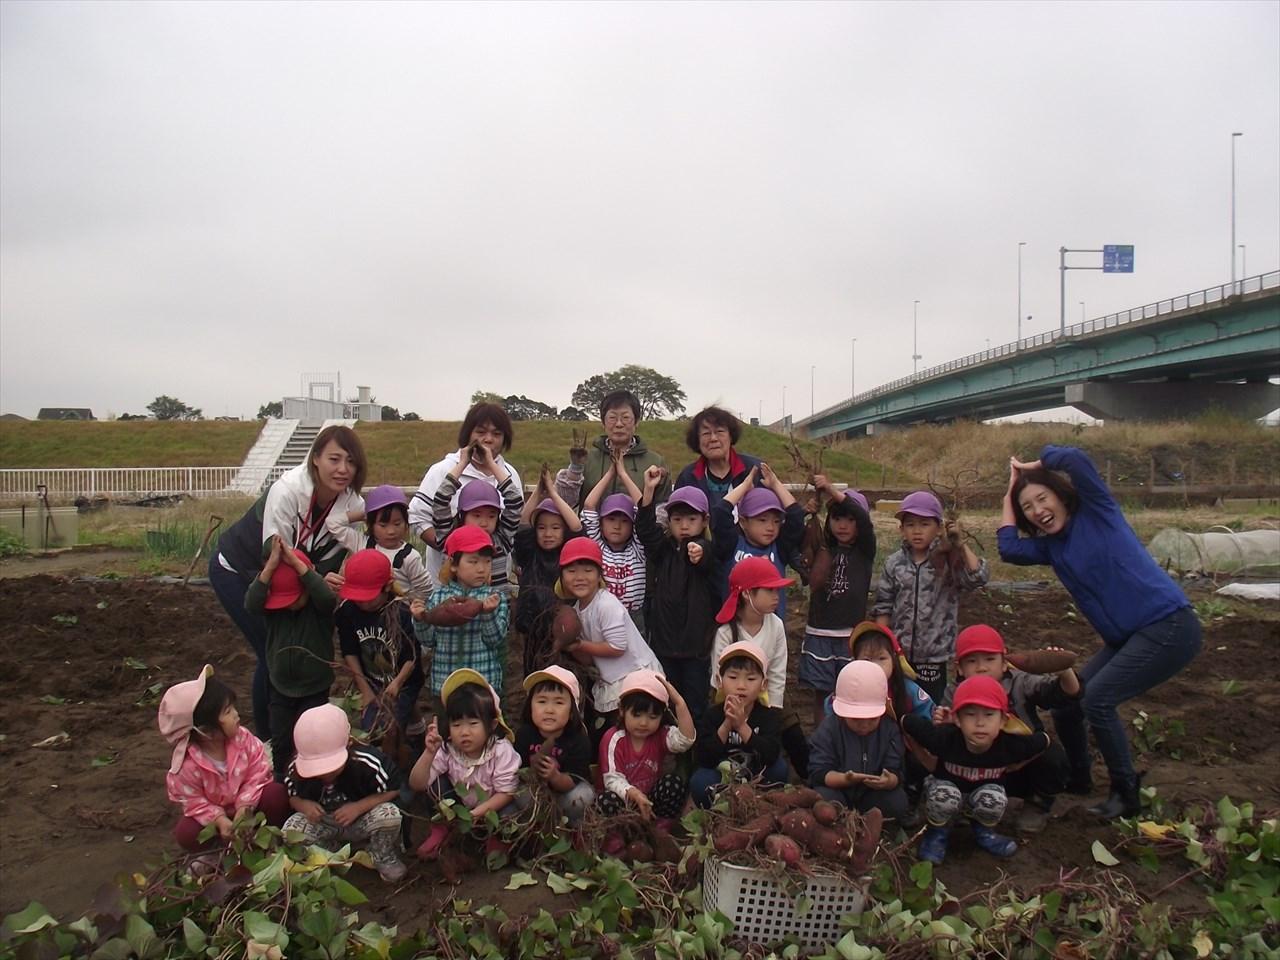 畑のボランティアの大川さんと紺野さんと松岡さんも一緒に